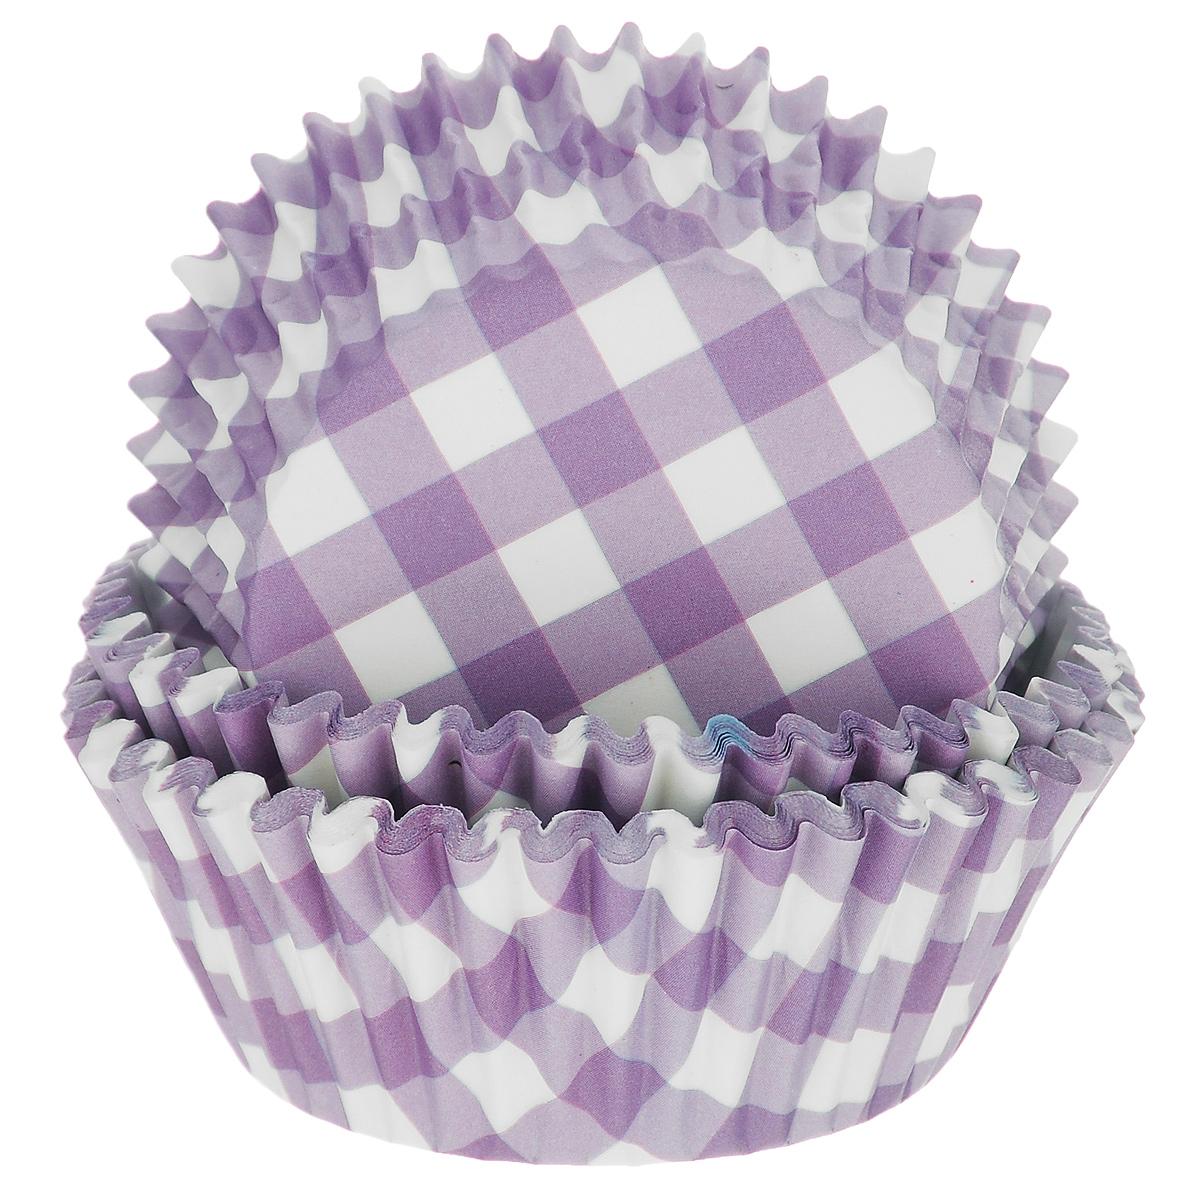 Набор бумажных форм для кексов Dolce Arti Клетка, цвет: фиолетовый, диаметр 7 см, 50 штFS-91909Набор Dolce Arti Клетка состоит из 50 бумажных форм для кексов, оформленных принтом в клетку. Они предназначены для выпечки и упаковки кондитерских изделий, также могут использоваться для сервировки орешков, конфет и много другого. Для одноразового применения. Гофрированные бумажные формы идеальны для выпечки кексов, булочек и пирожных.Высота стенки: 3 см. Диаметр (по верхнему краю): 7 см.